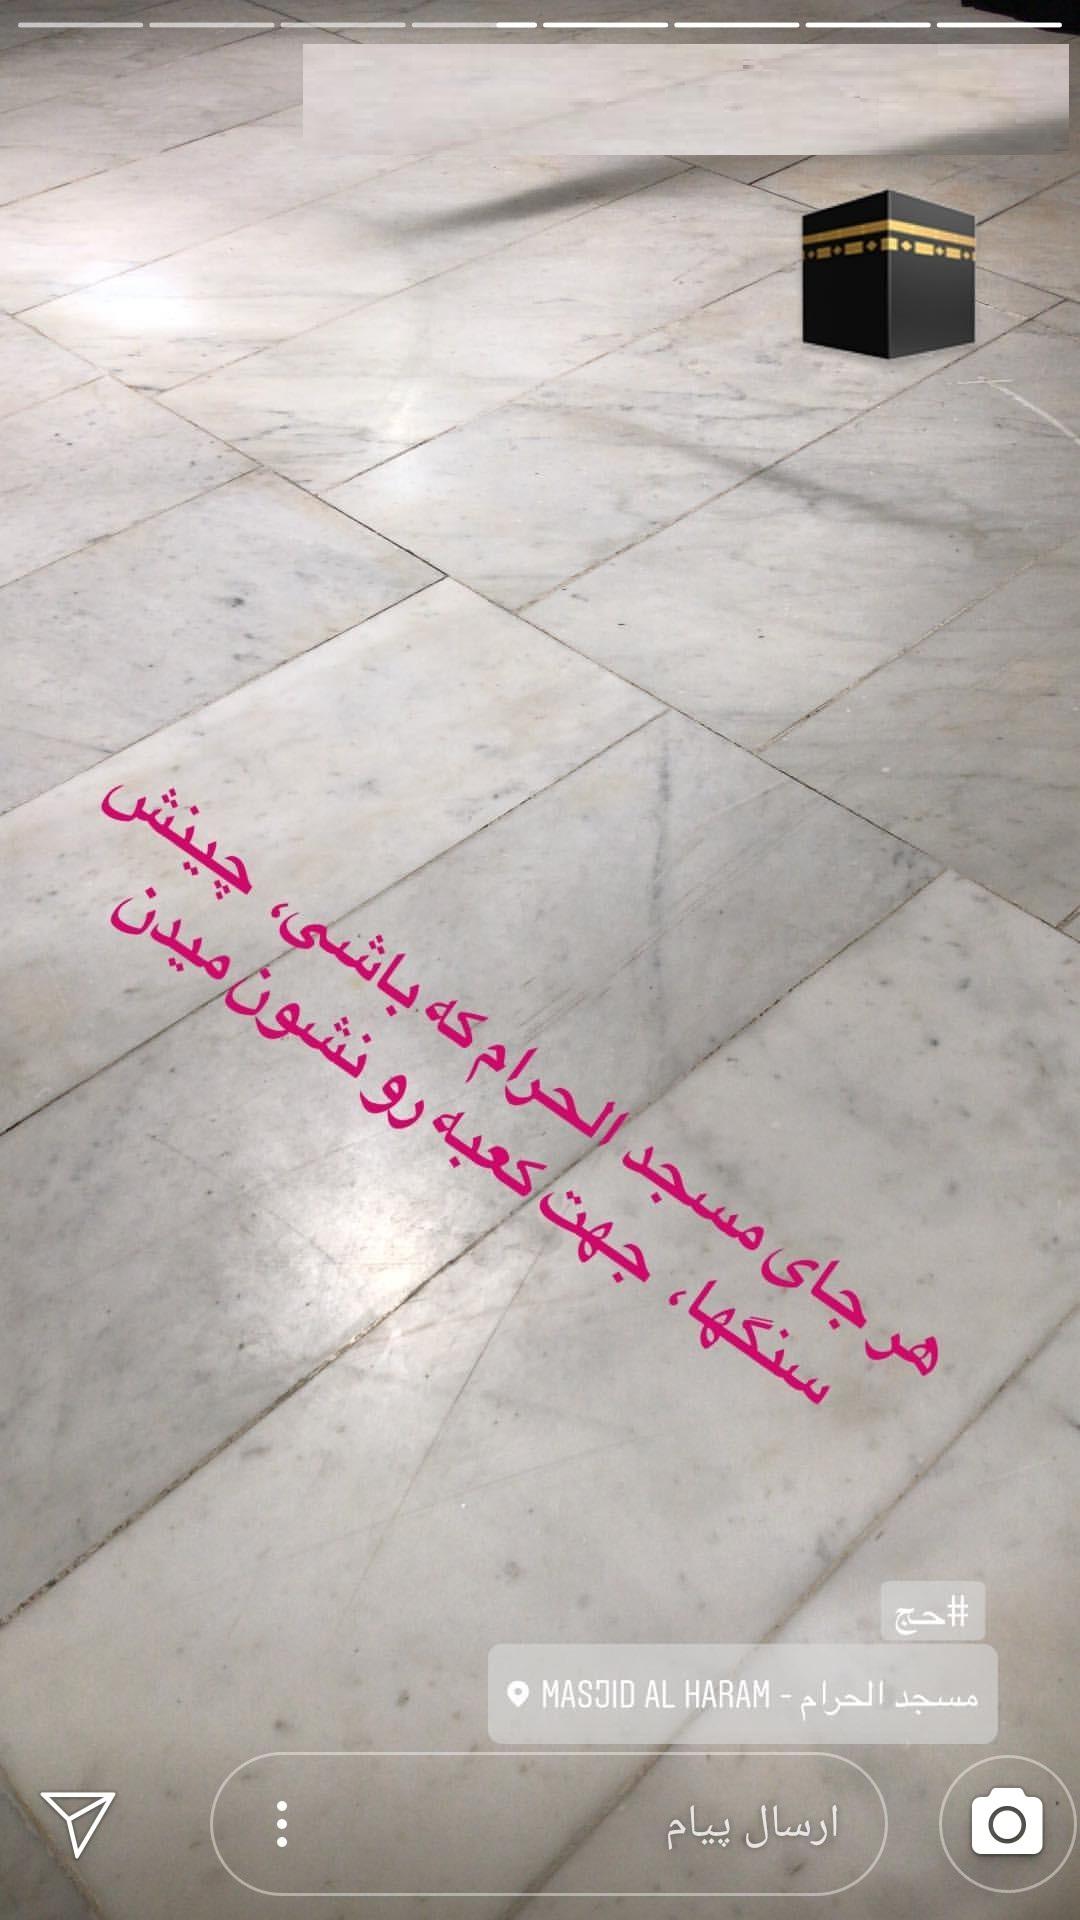 قصه تکراری منع زیارت از سمت وهابیون/ همخوانی دلنشین حجاج برای فرج امام زمان (عج)